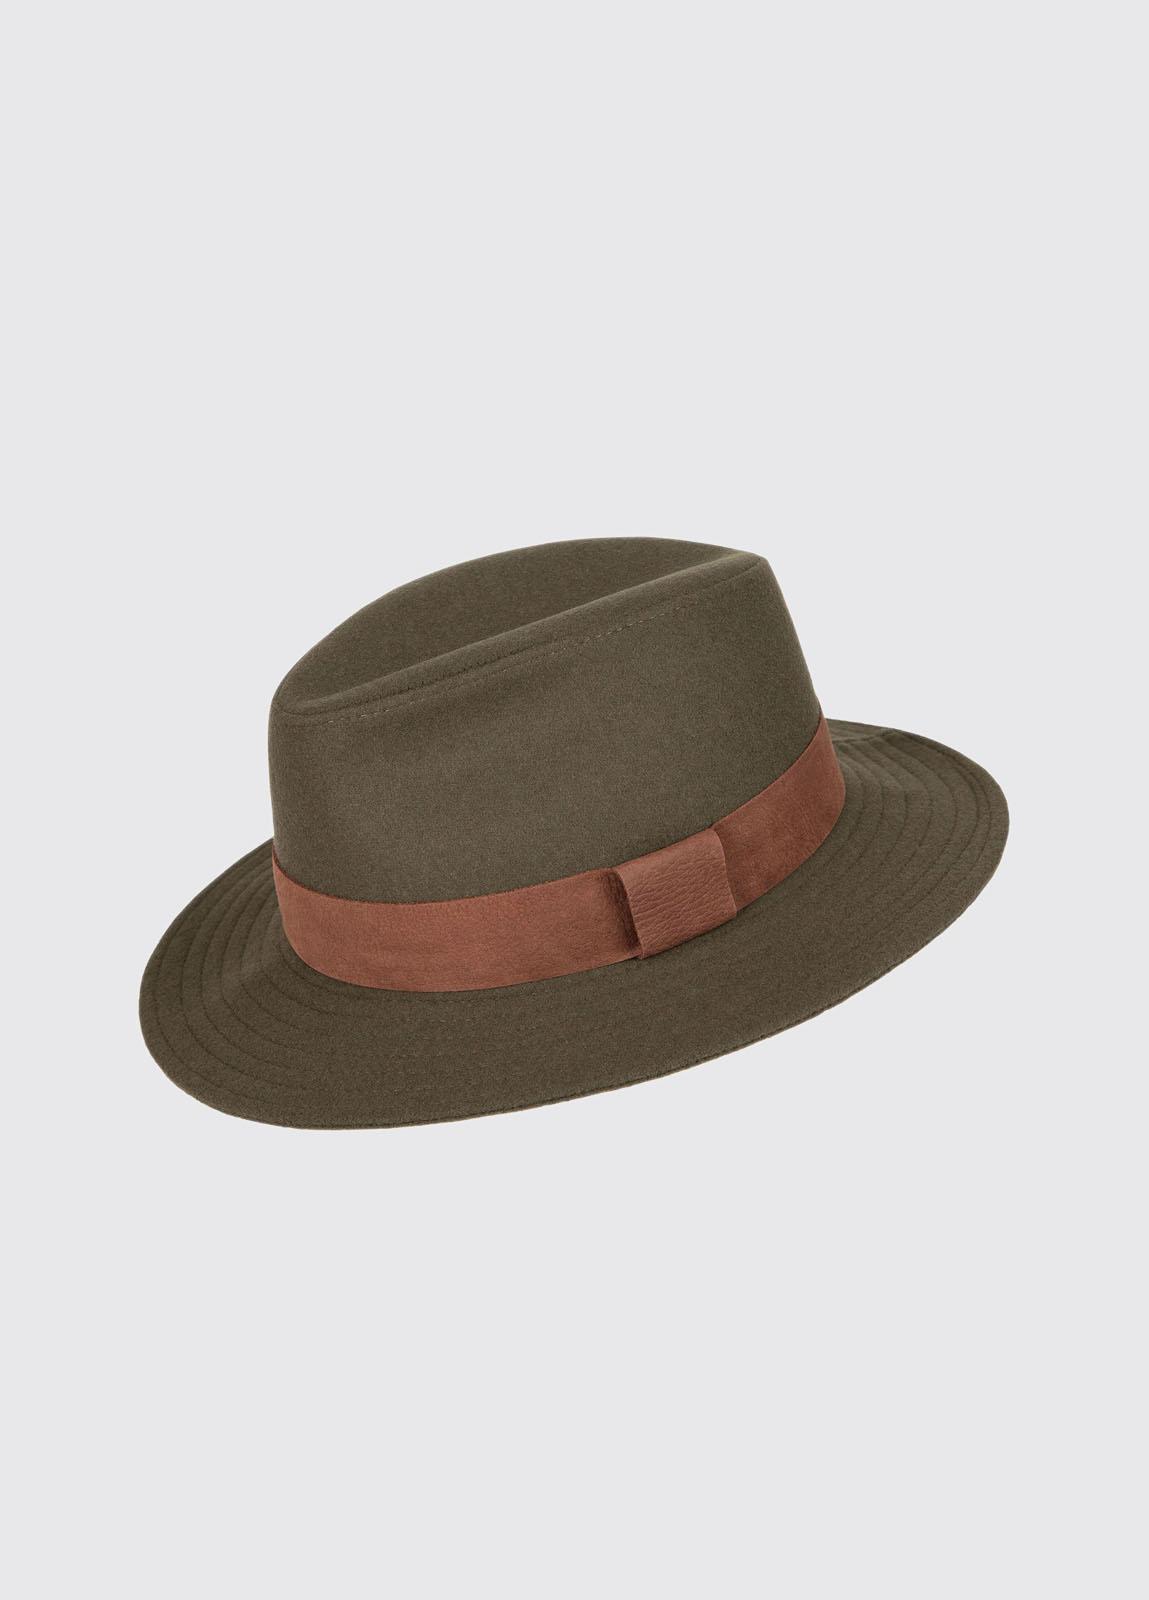 Rathowen Hat - Olive